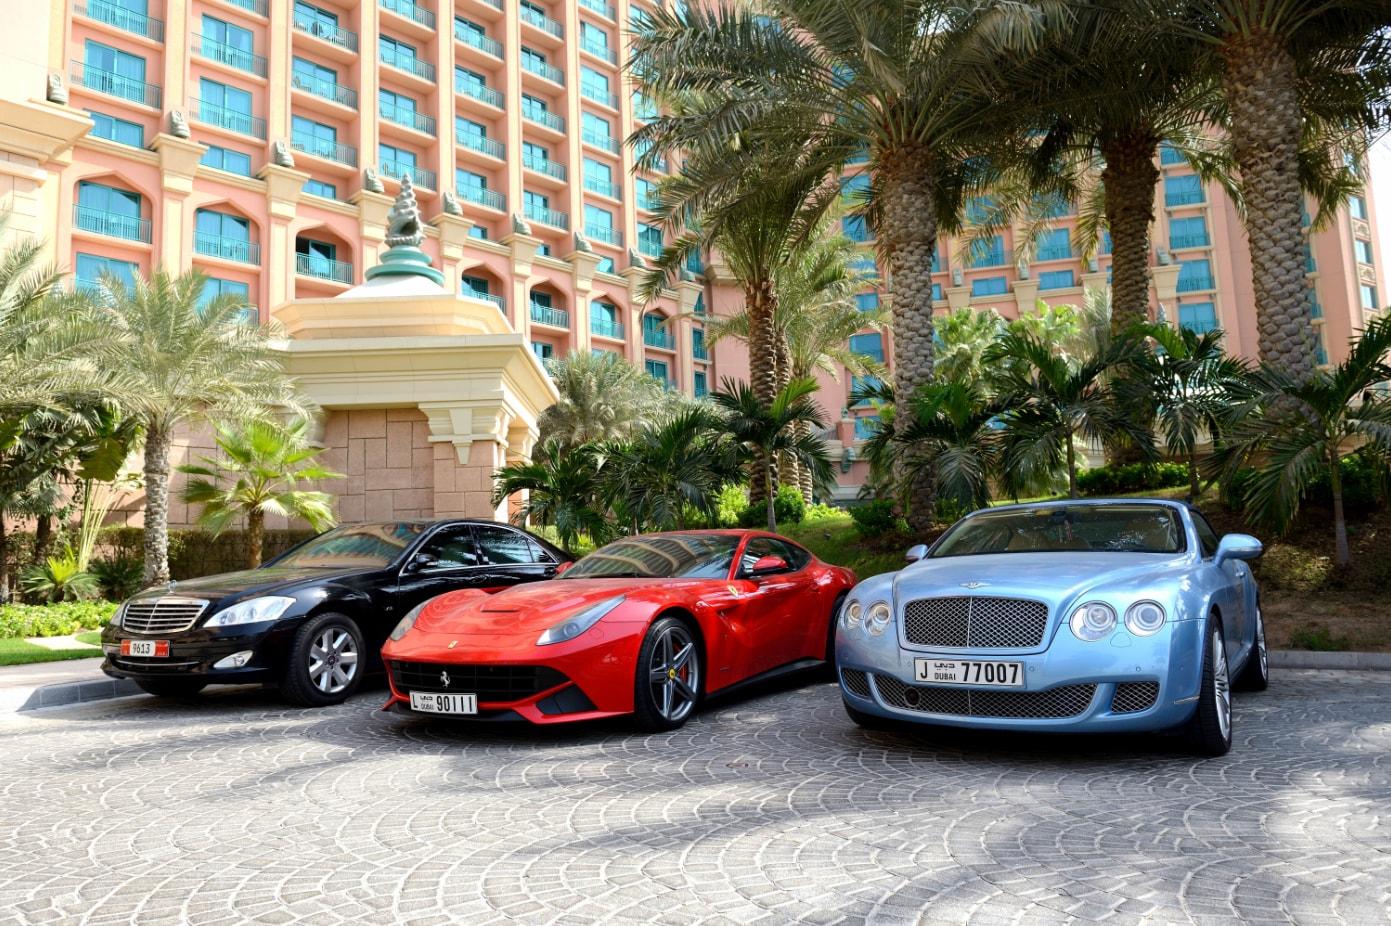 Μία ολόκληρη περιουσία κοστίζει η αγορά πινακίδων στο Ντουμπάι!